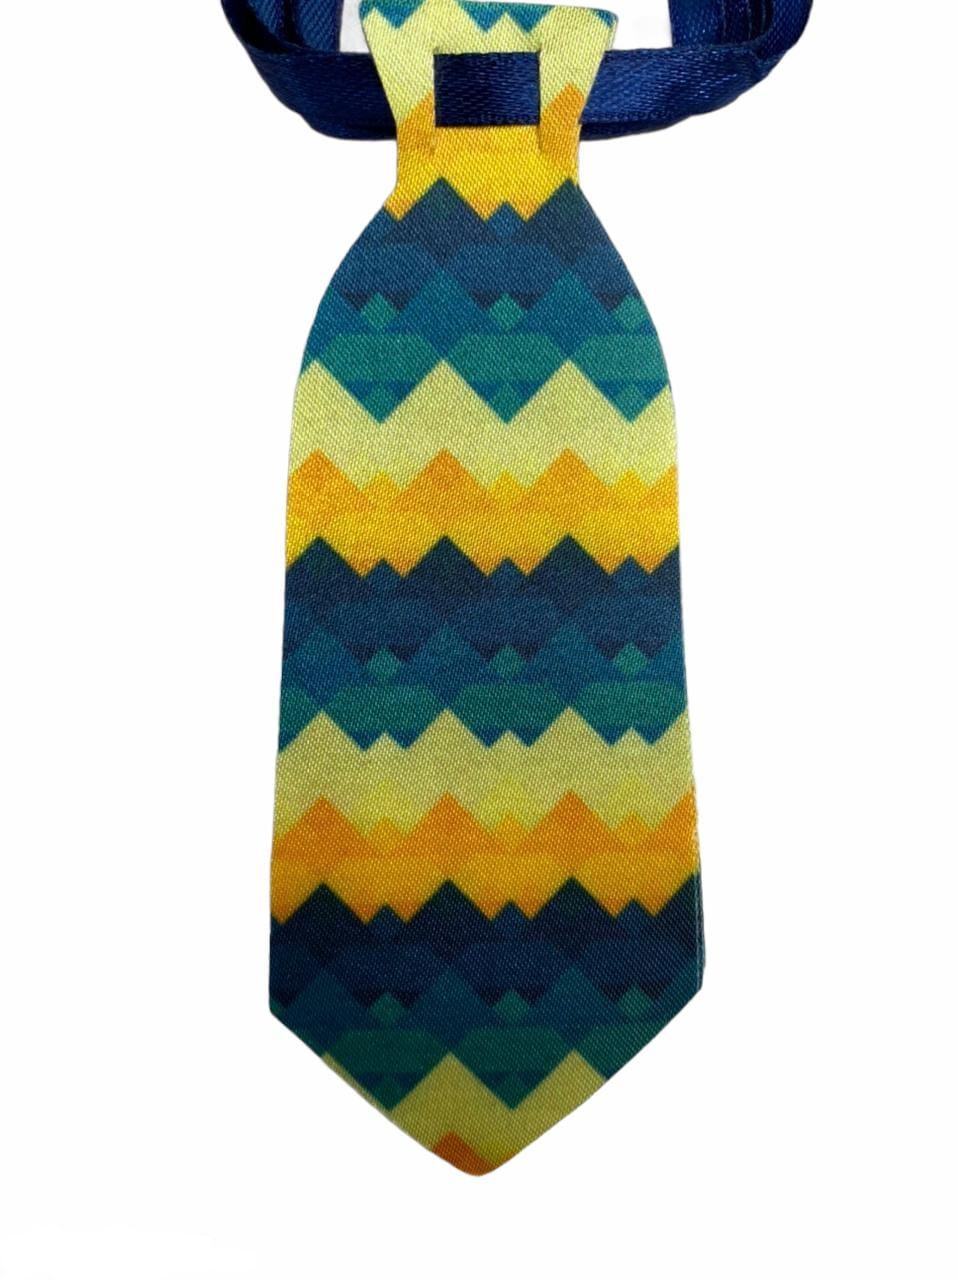 gravatas pequena - 10 unidades